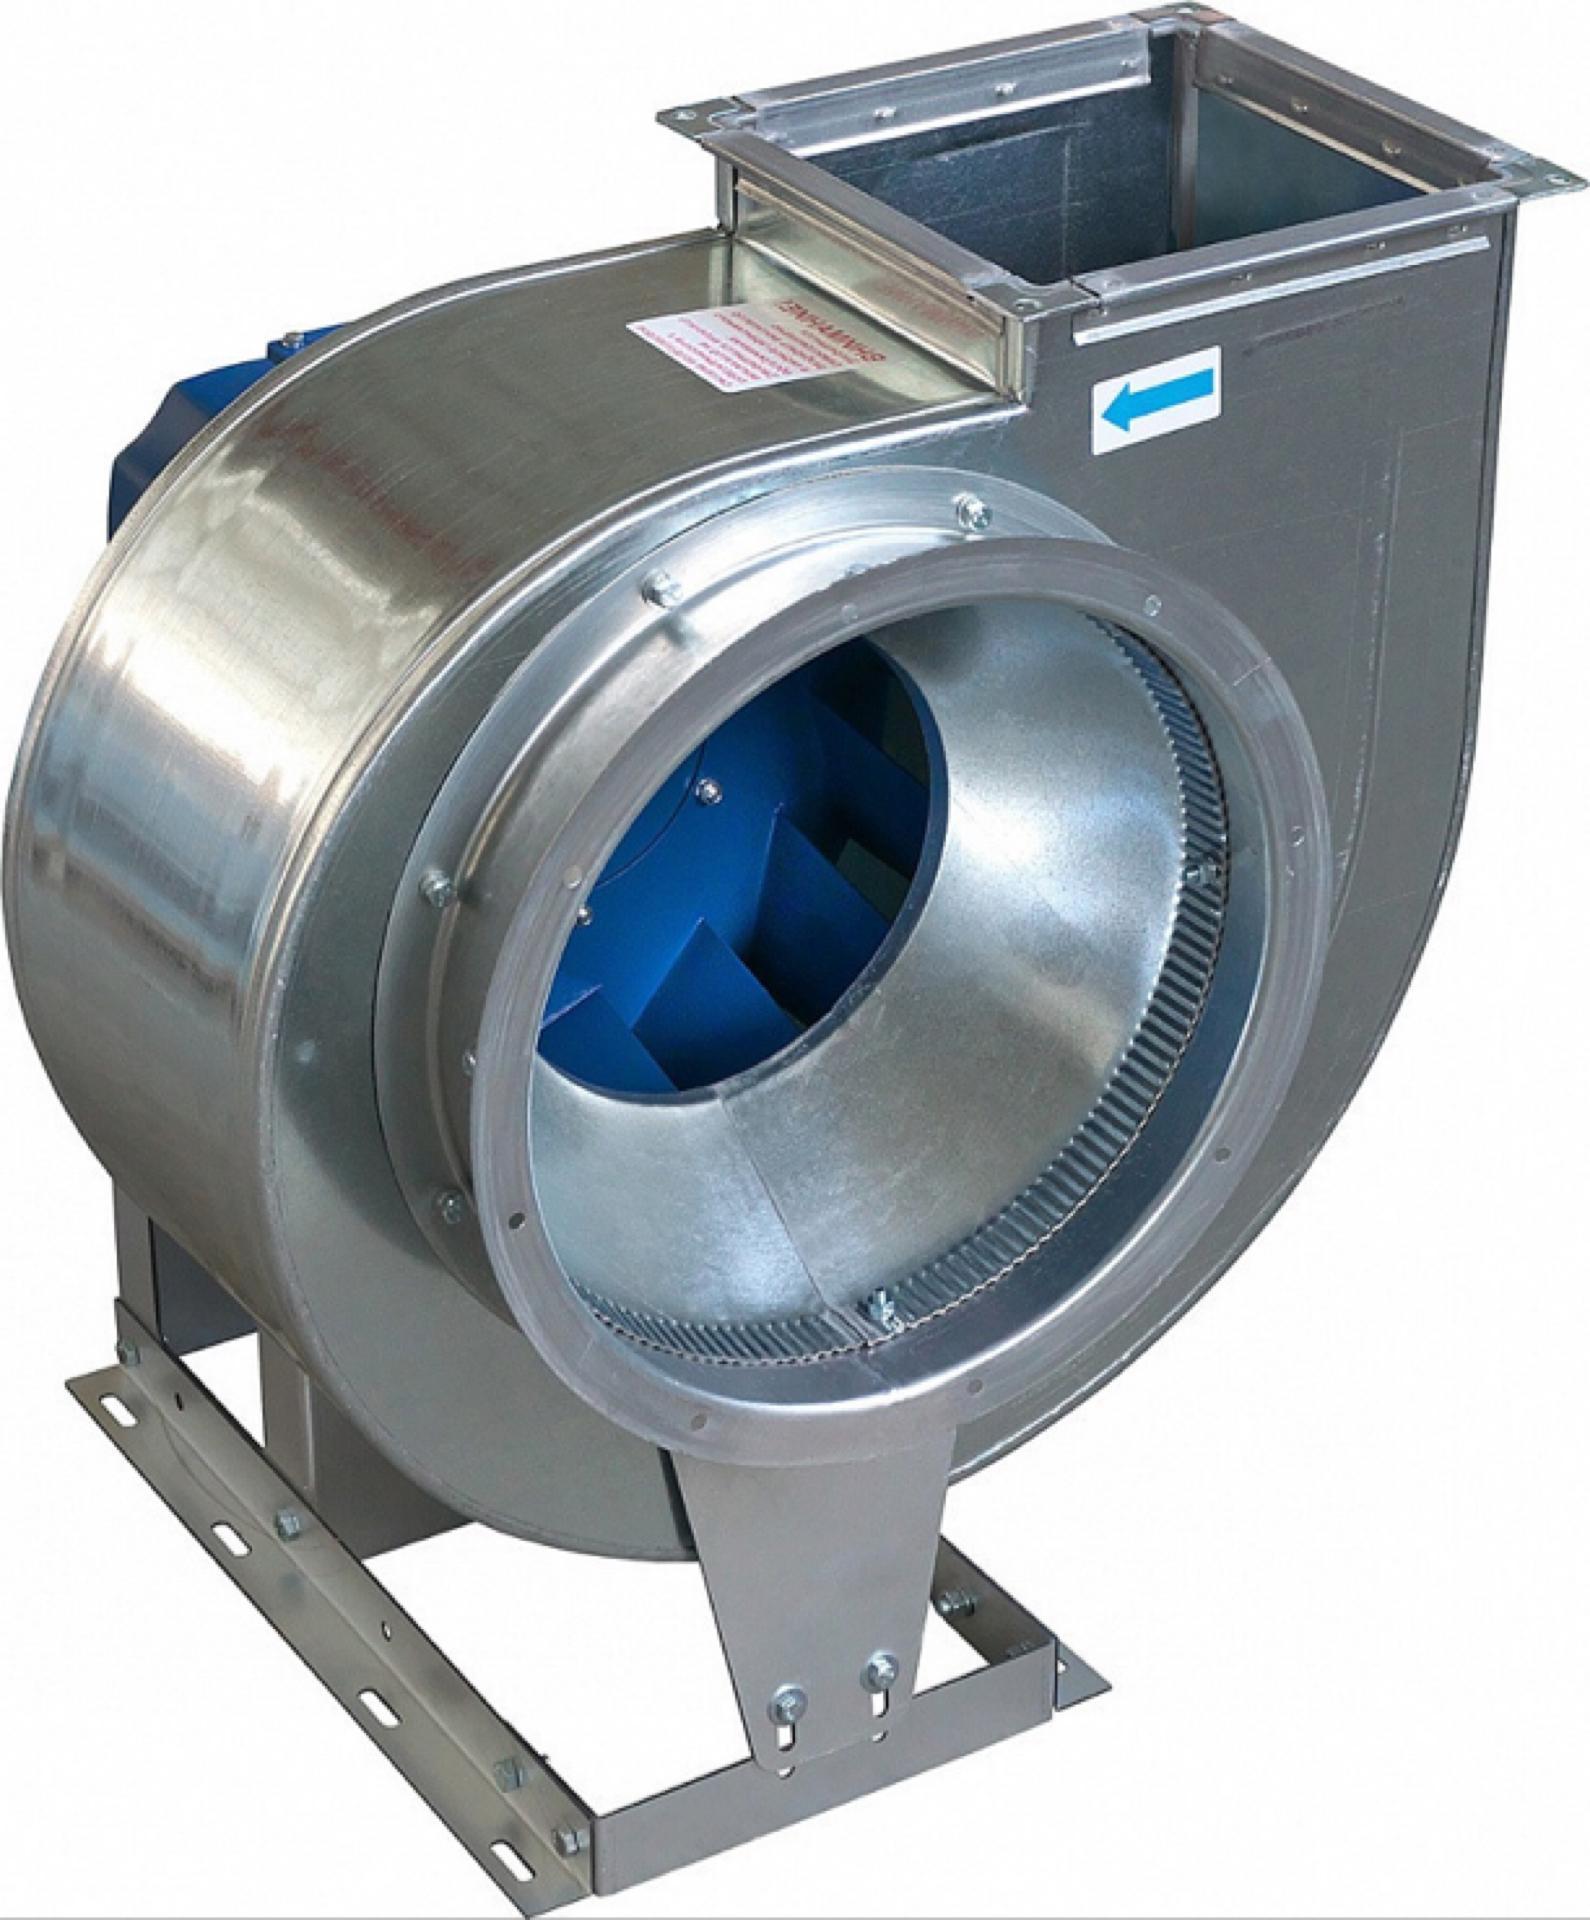 Вентилятор ВР-86-77-3,15 0,25 кВт*1500 об/мин ЛО